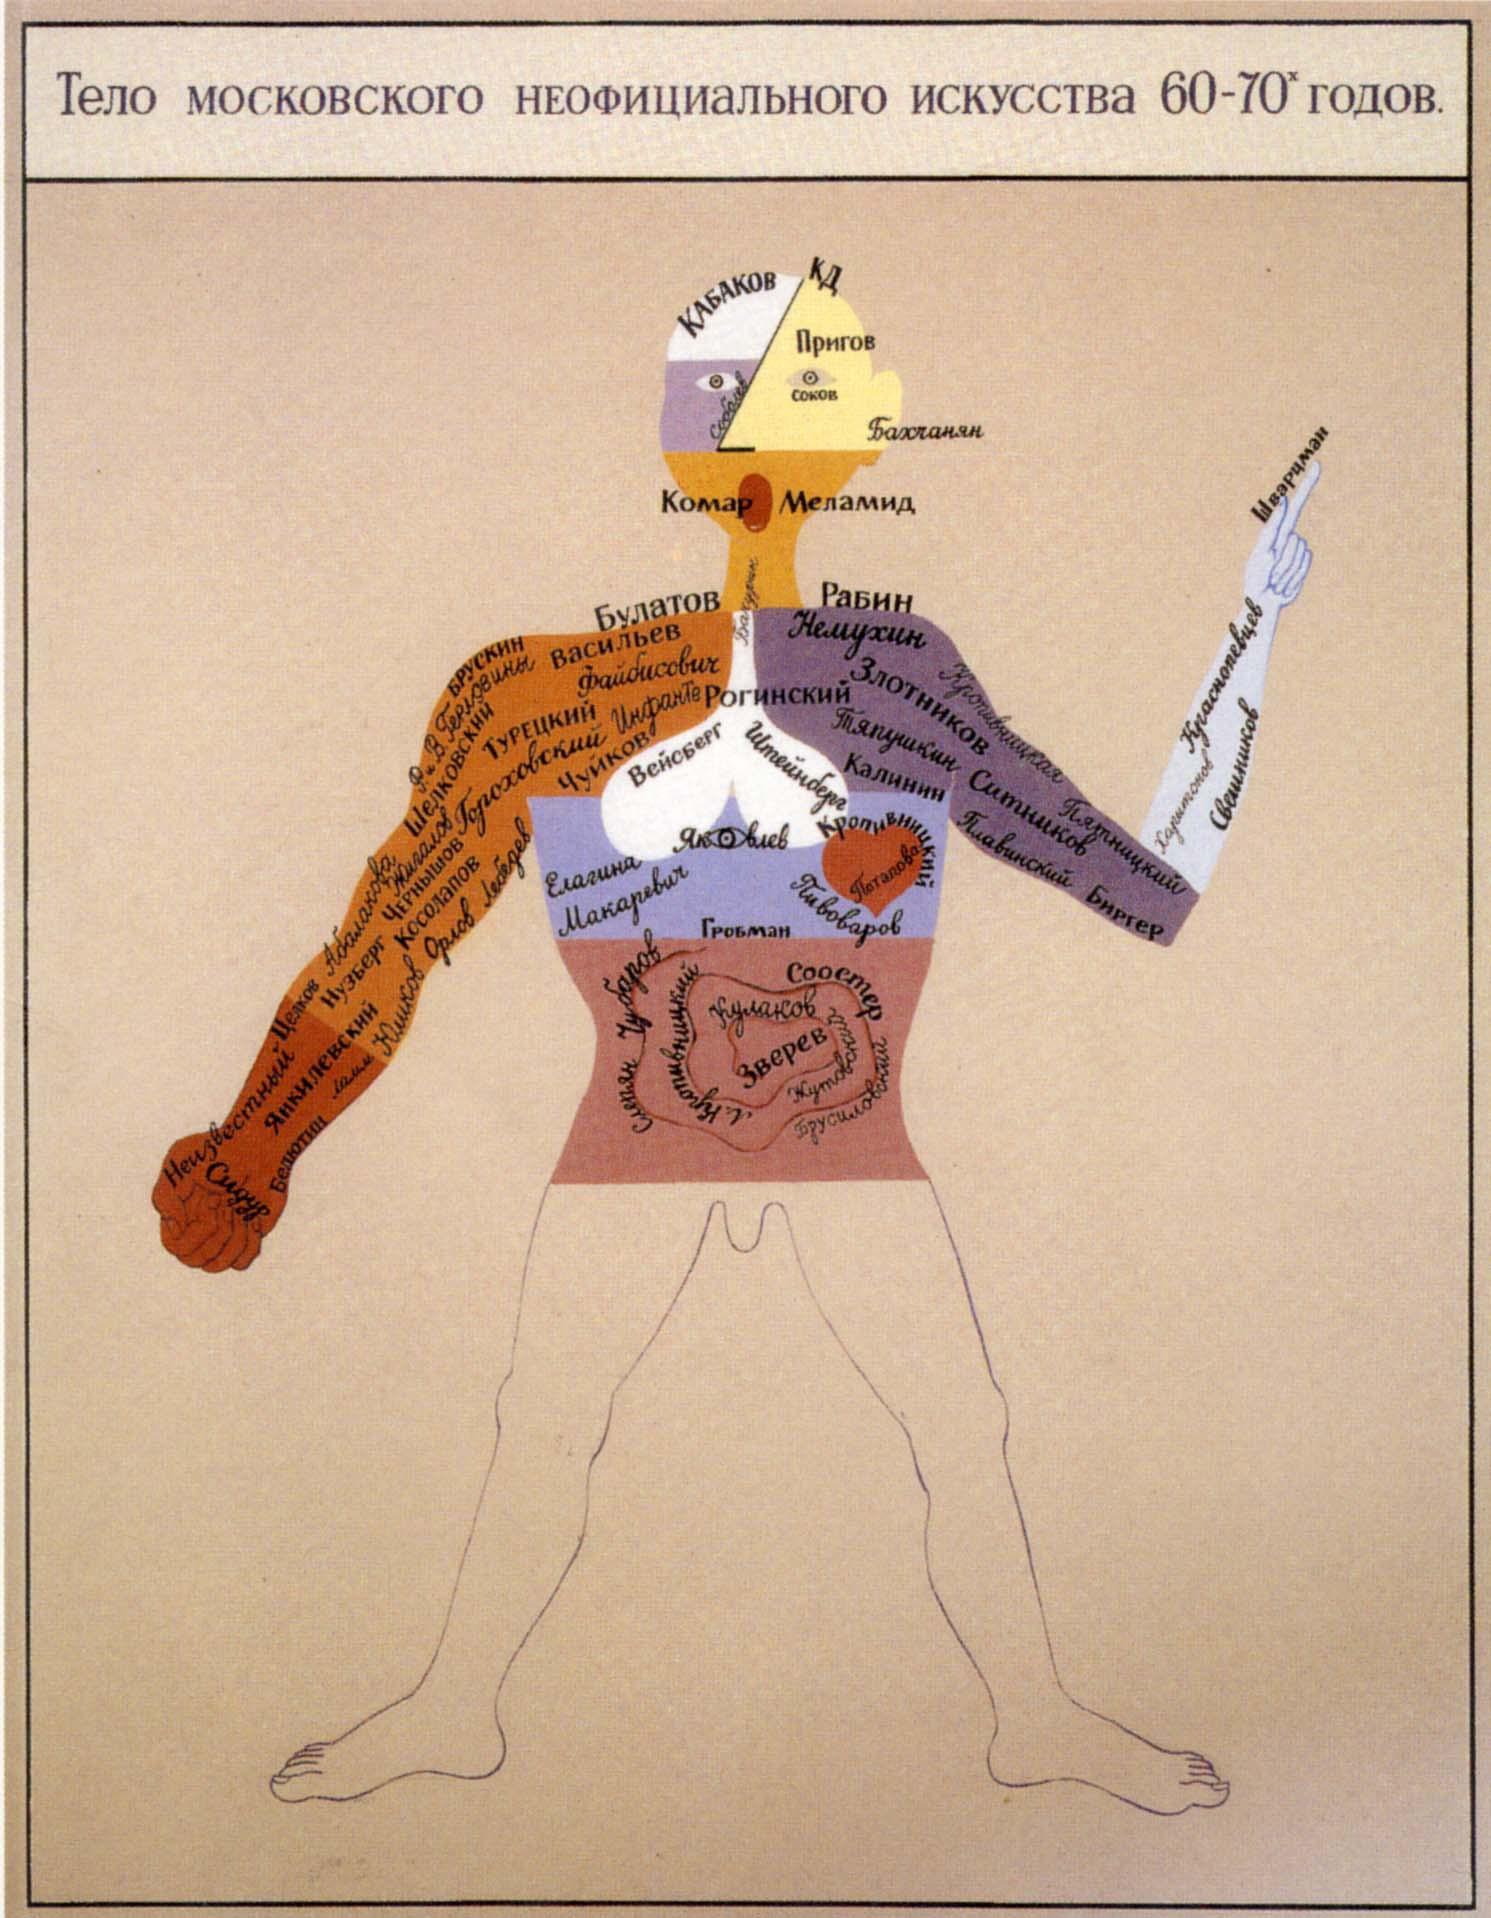 Виктор Пивоваров. Тело московского неофициального искусства 60-70-х годов, 2002